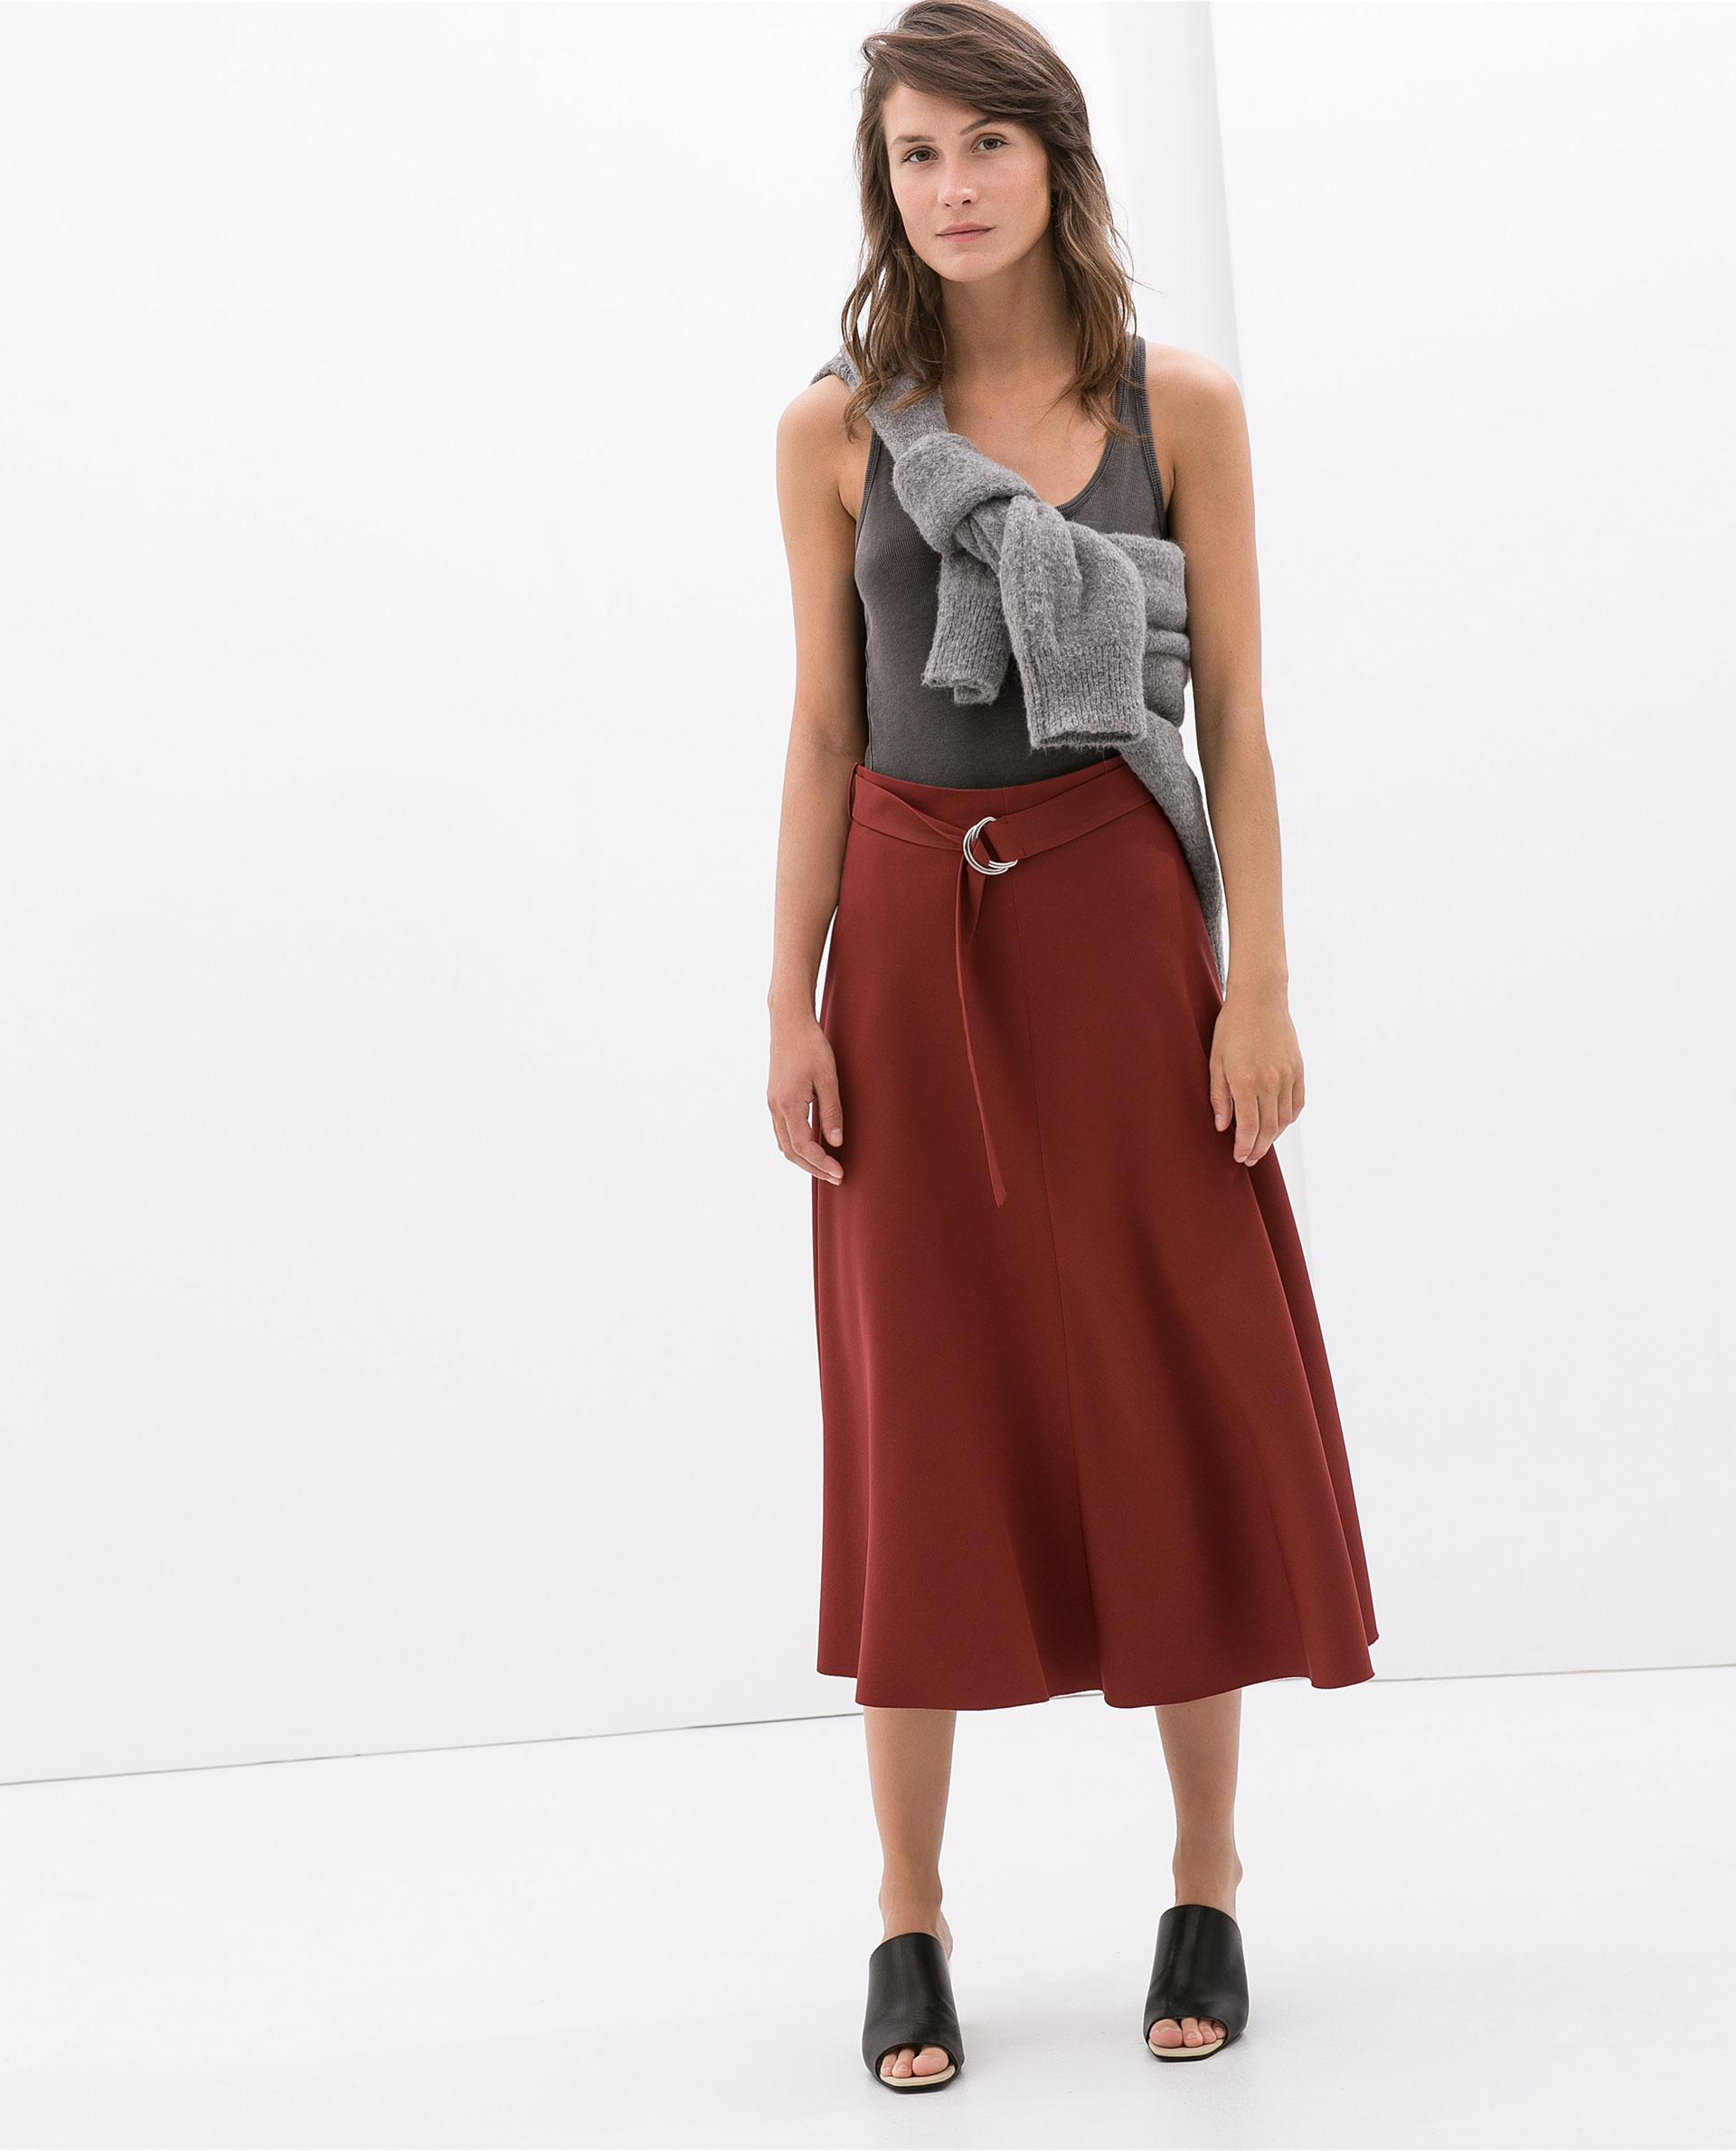 Zara High Waist Skirt With Belt in Red | Lyst